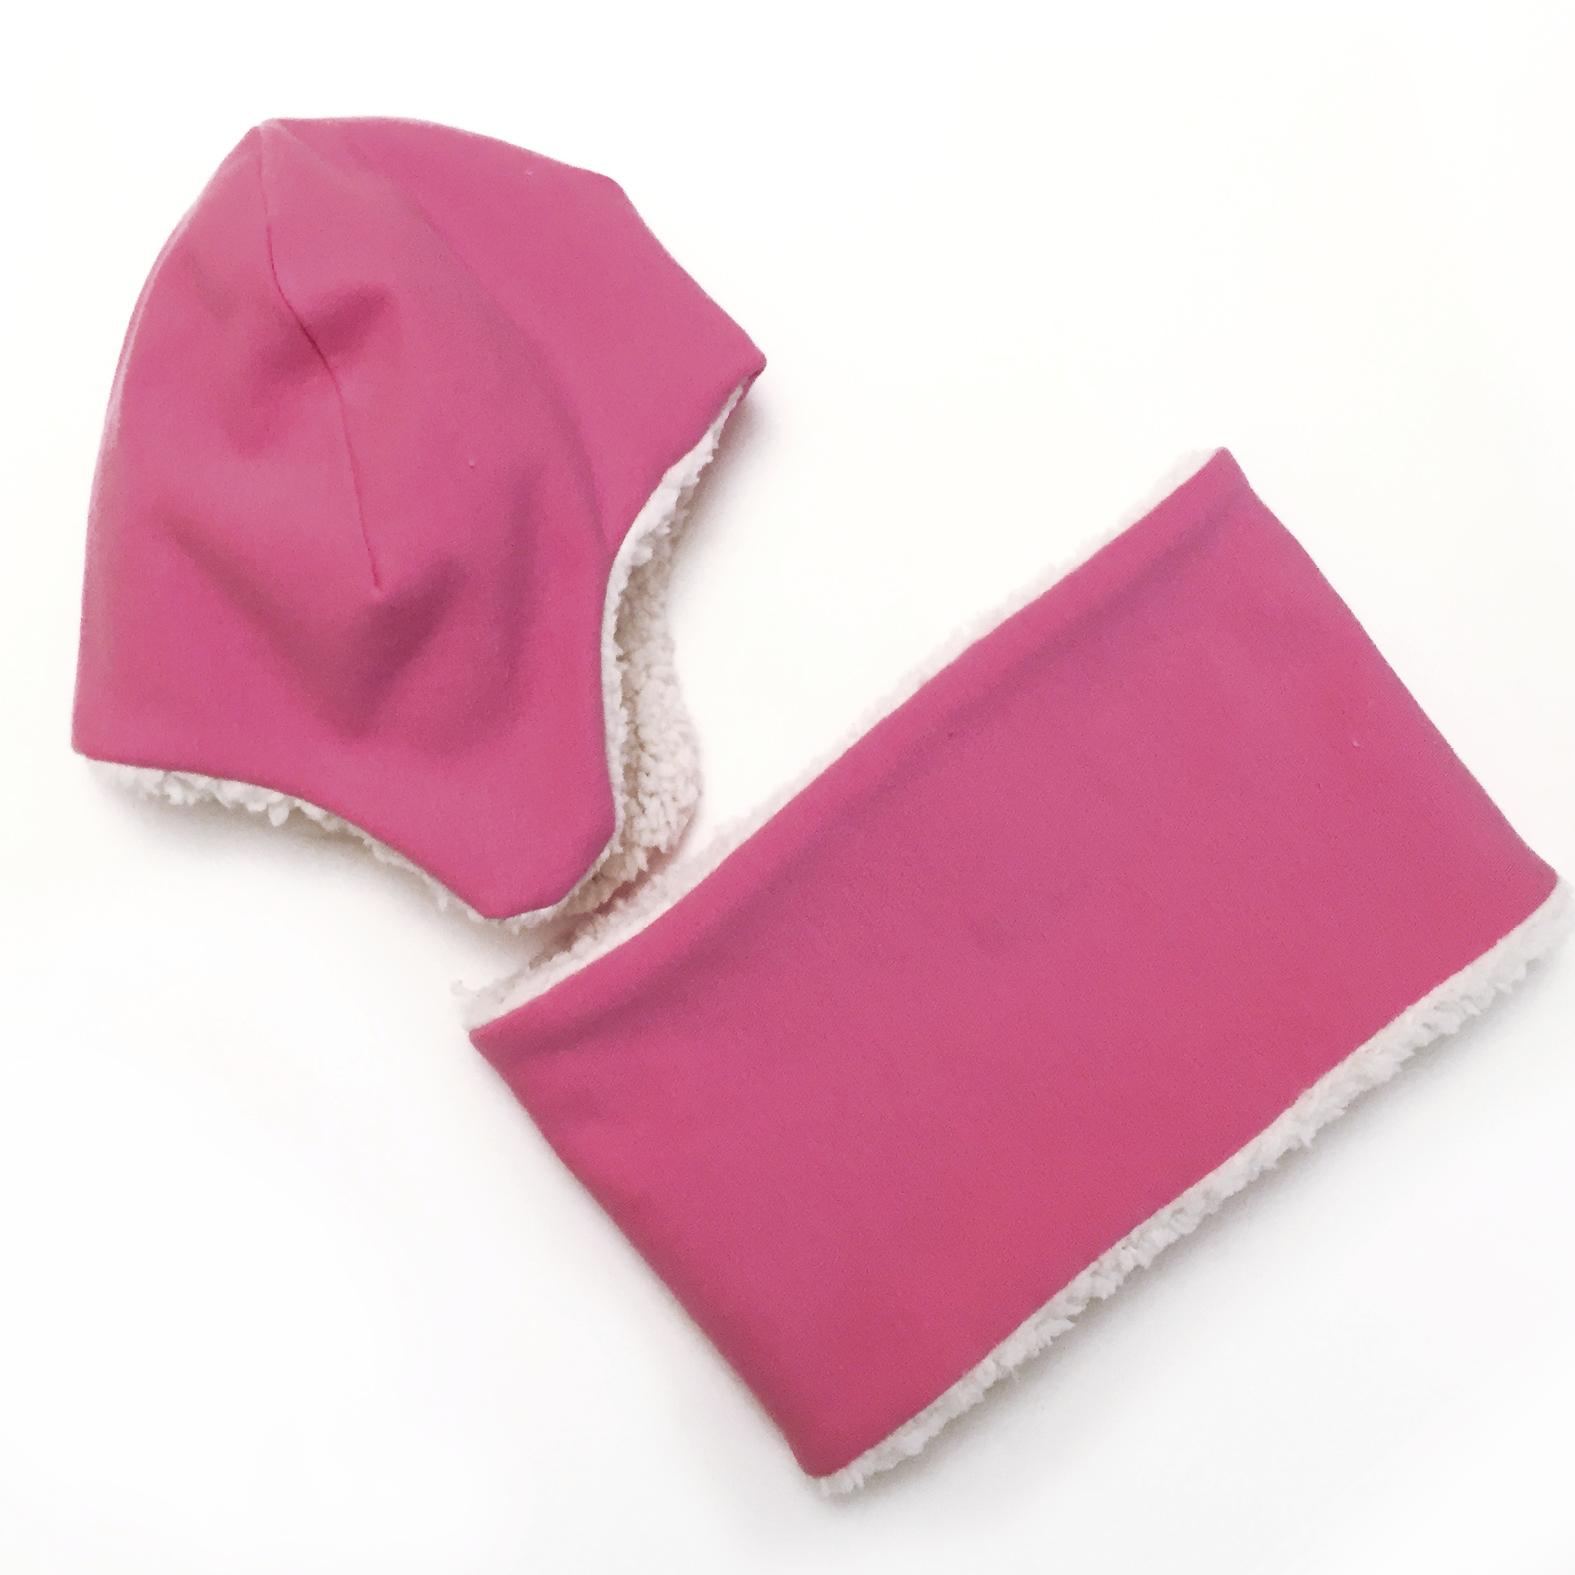 Cappello e scaldacollo - Baby hat - Cappellino morbido - Paulaster 99f1239fd736